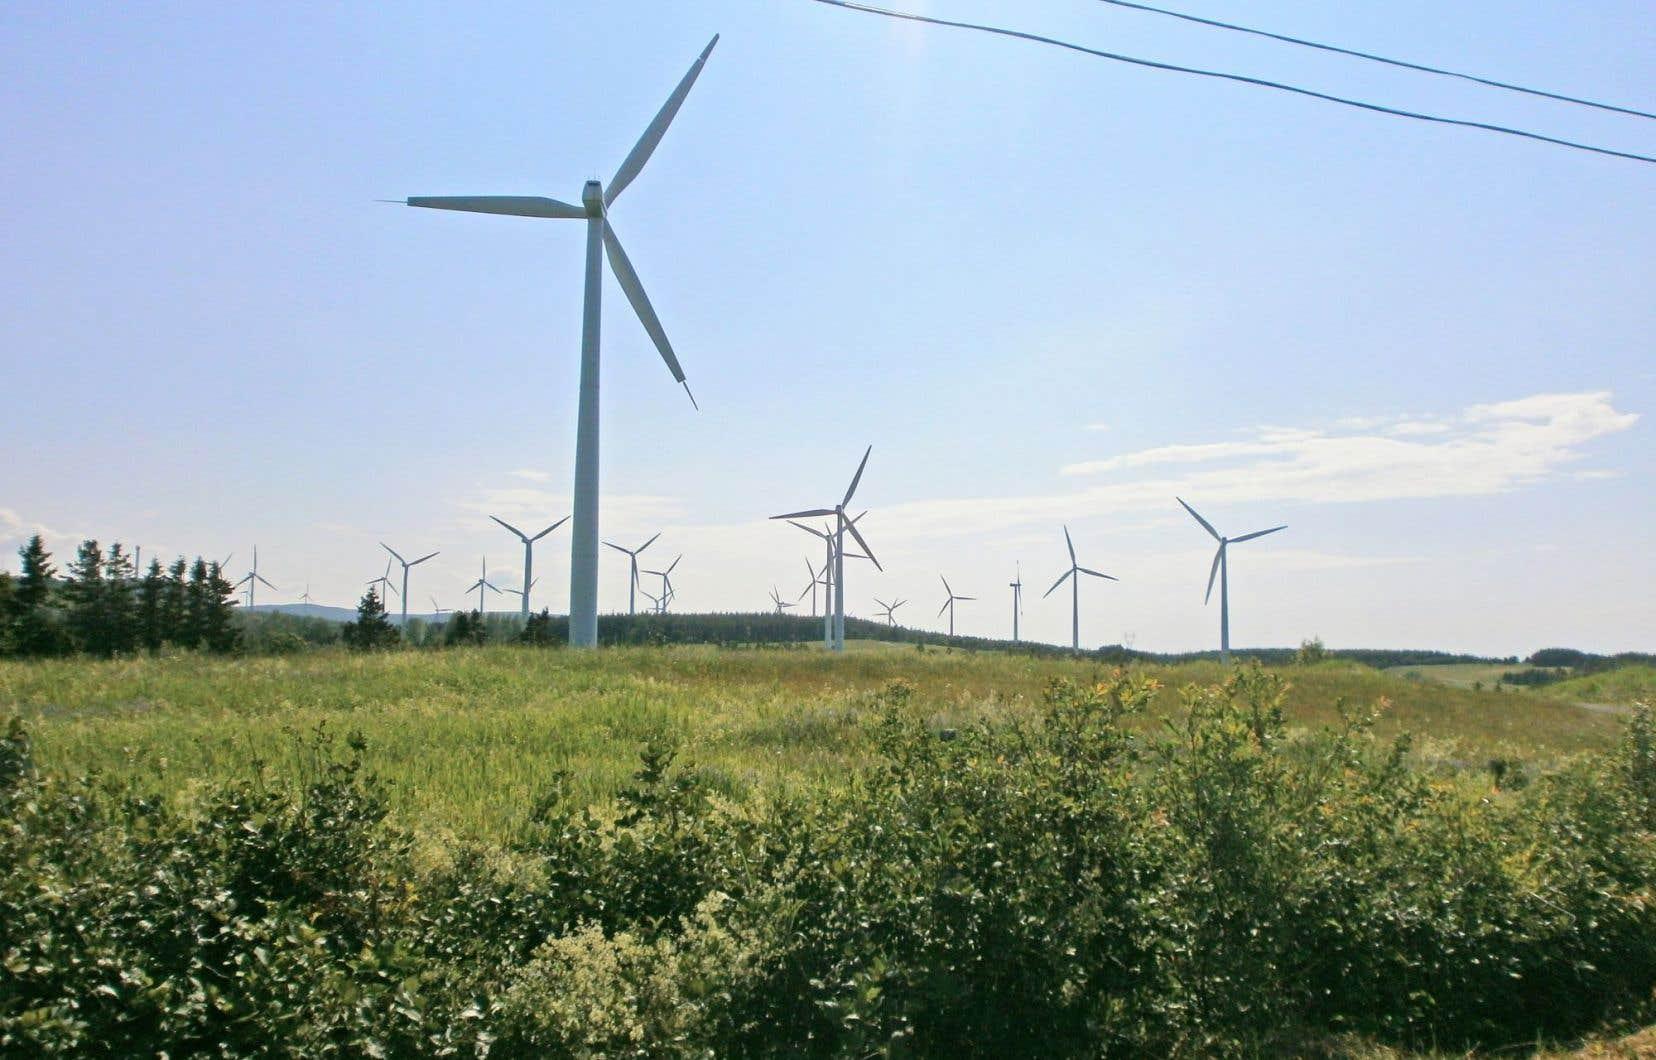 À la demande de Fondaction, Hexavest développe un portefeuille d'actions mondiales ne comprenant aucun titre d'entreprises de production et de distribution de combustibles fossiles.